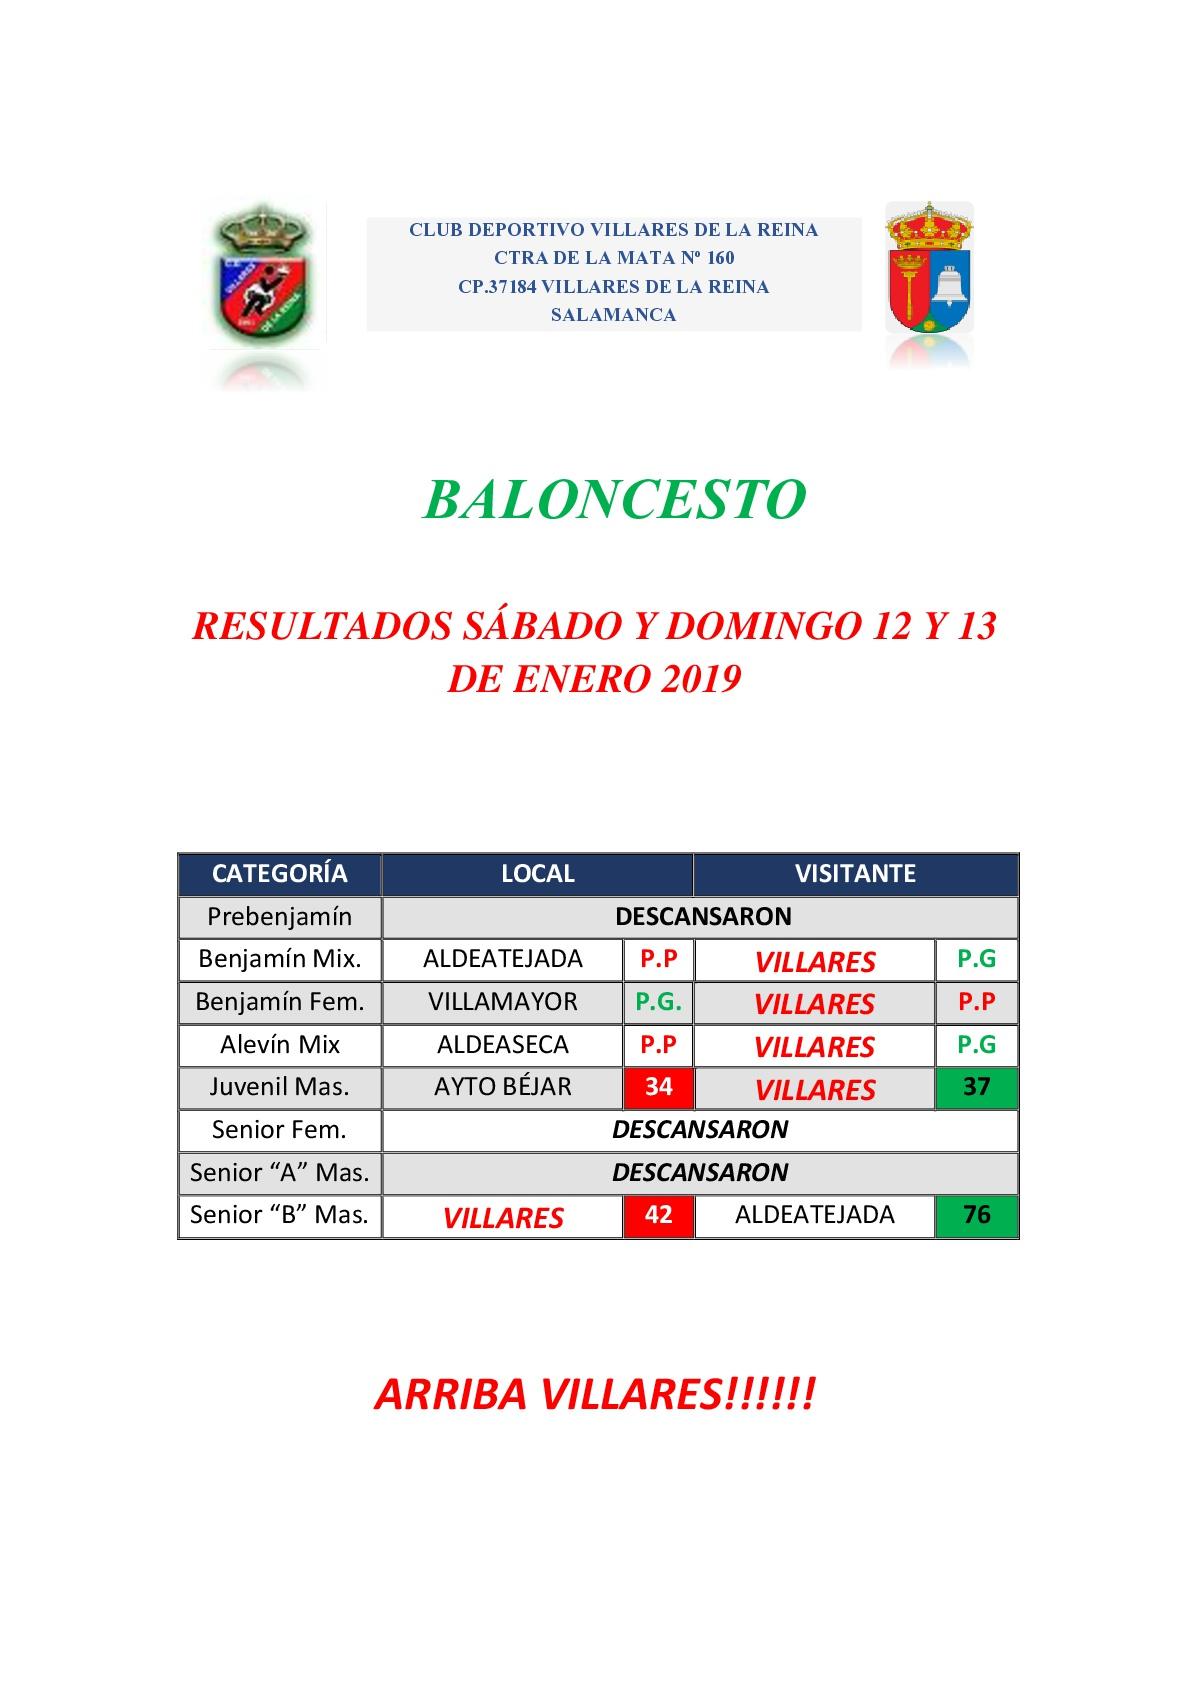 RESULTADOS DE BALONCESTO S�BADO 12 Y DOMINGO 13 DE ENERO 2019